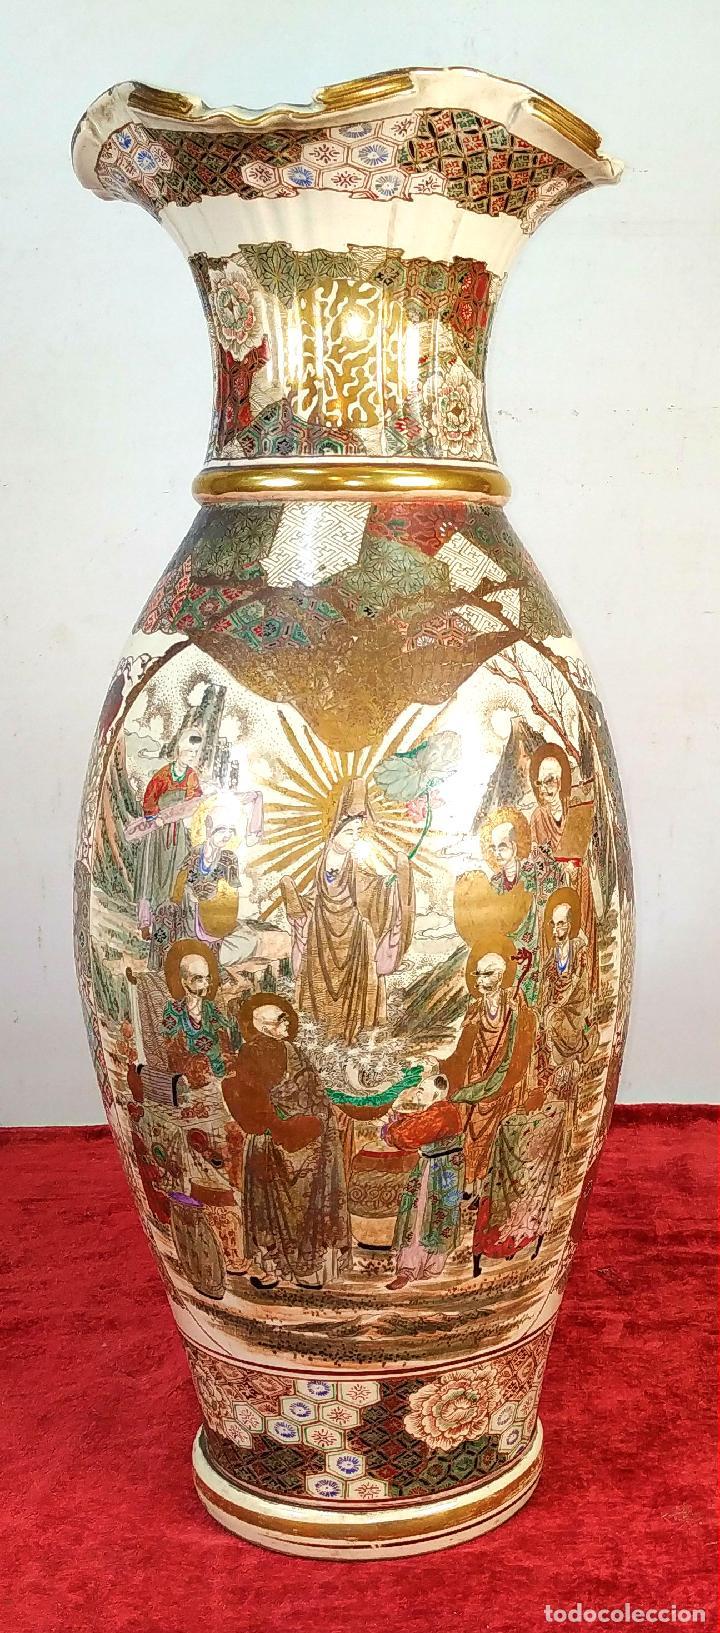 GRAN JARRÓN SATSUMA. PORCELANA ESMALTADA Y DORADA. JAPÓN. SIGLO XIX (Antigüedades - Porcelana y Cerámica - Japón)